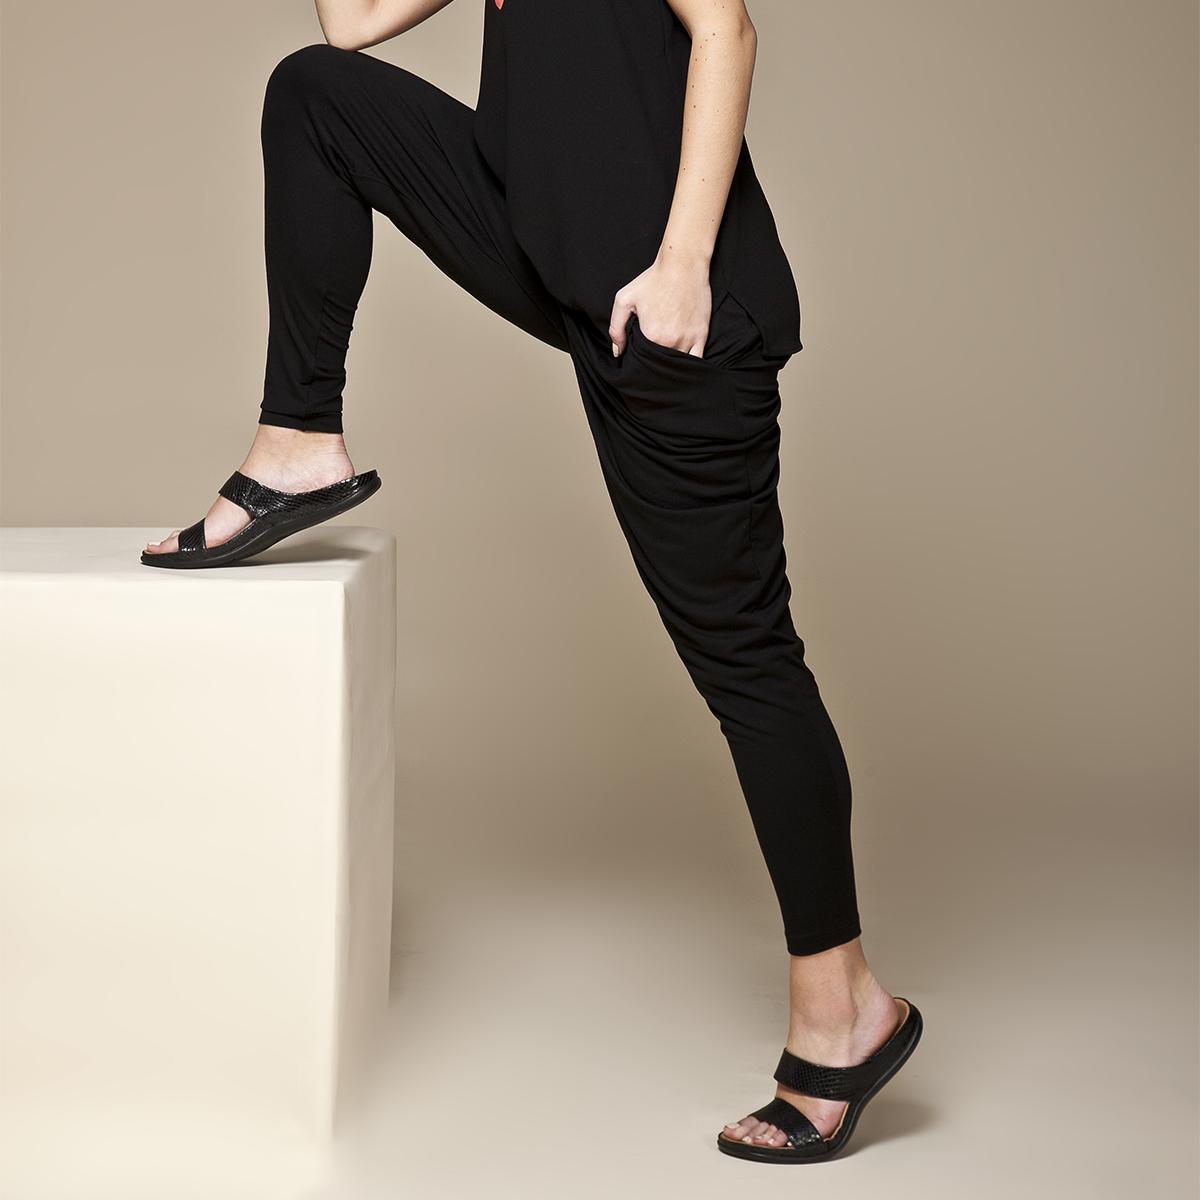 スニーカー感覚で歩き回れる「サンダル」|LOMBOK (24-24.5cm) 独自開発の立体インソールで、スニーカーみたいに歩き回れる「サンダル」